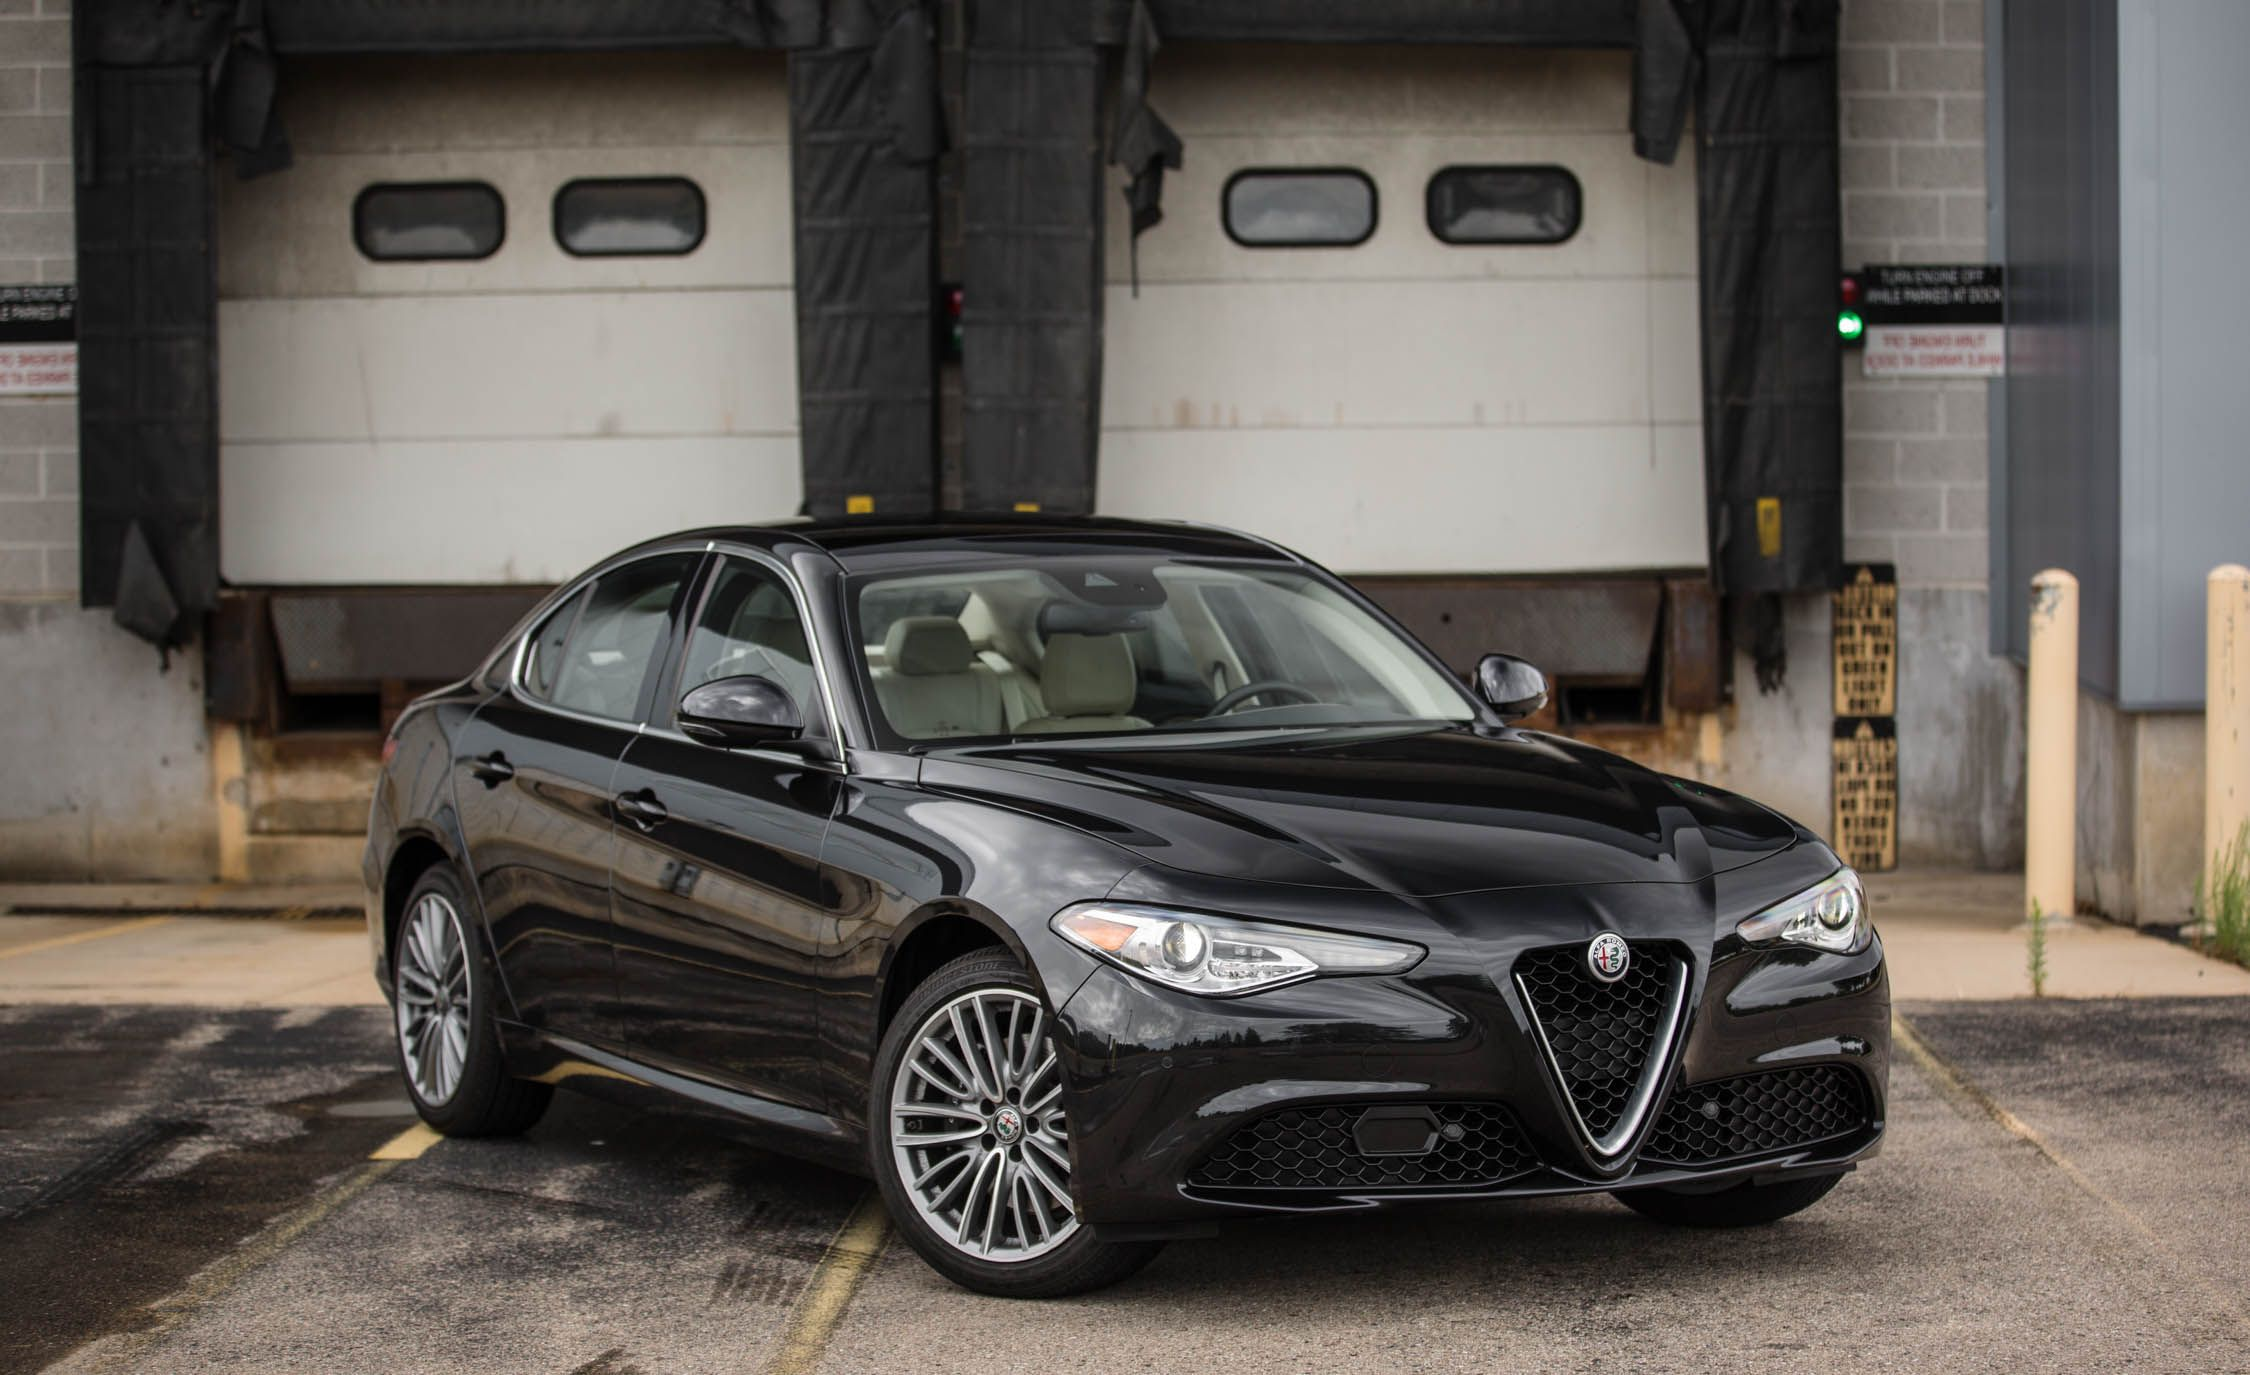 2017 Alfa Romeo Giulia In Depth Model Review Car And Driver Msrp